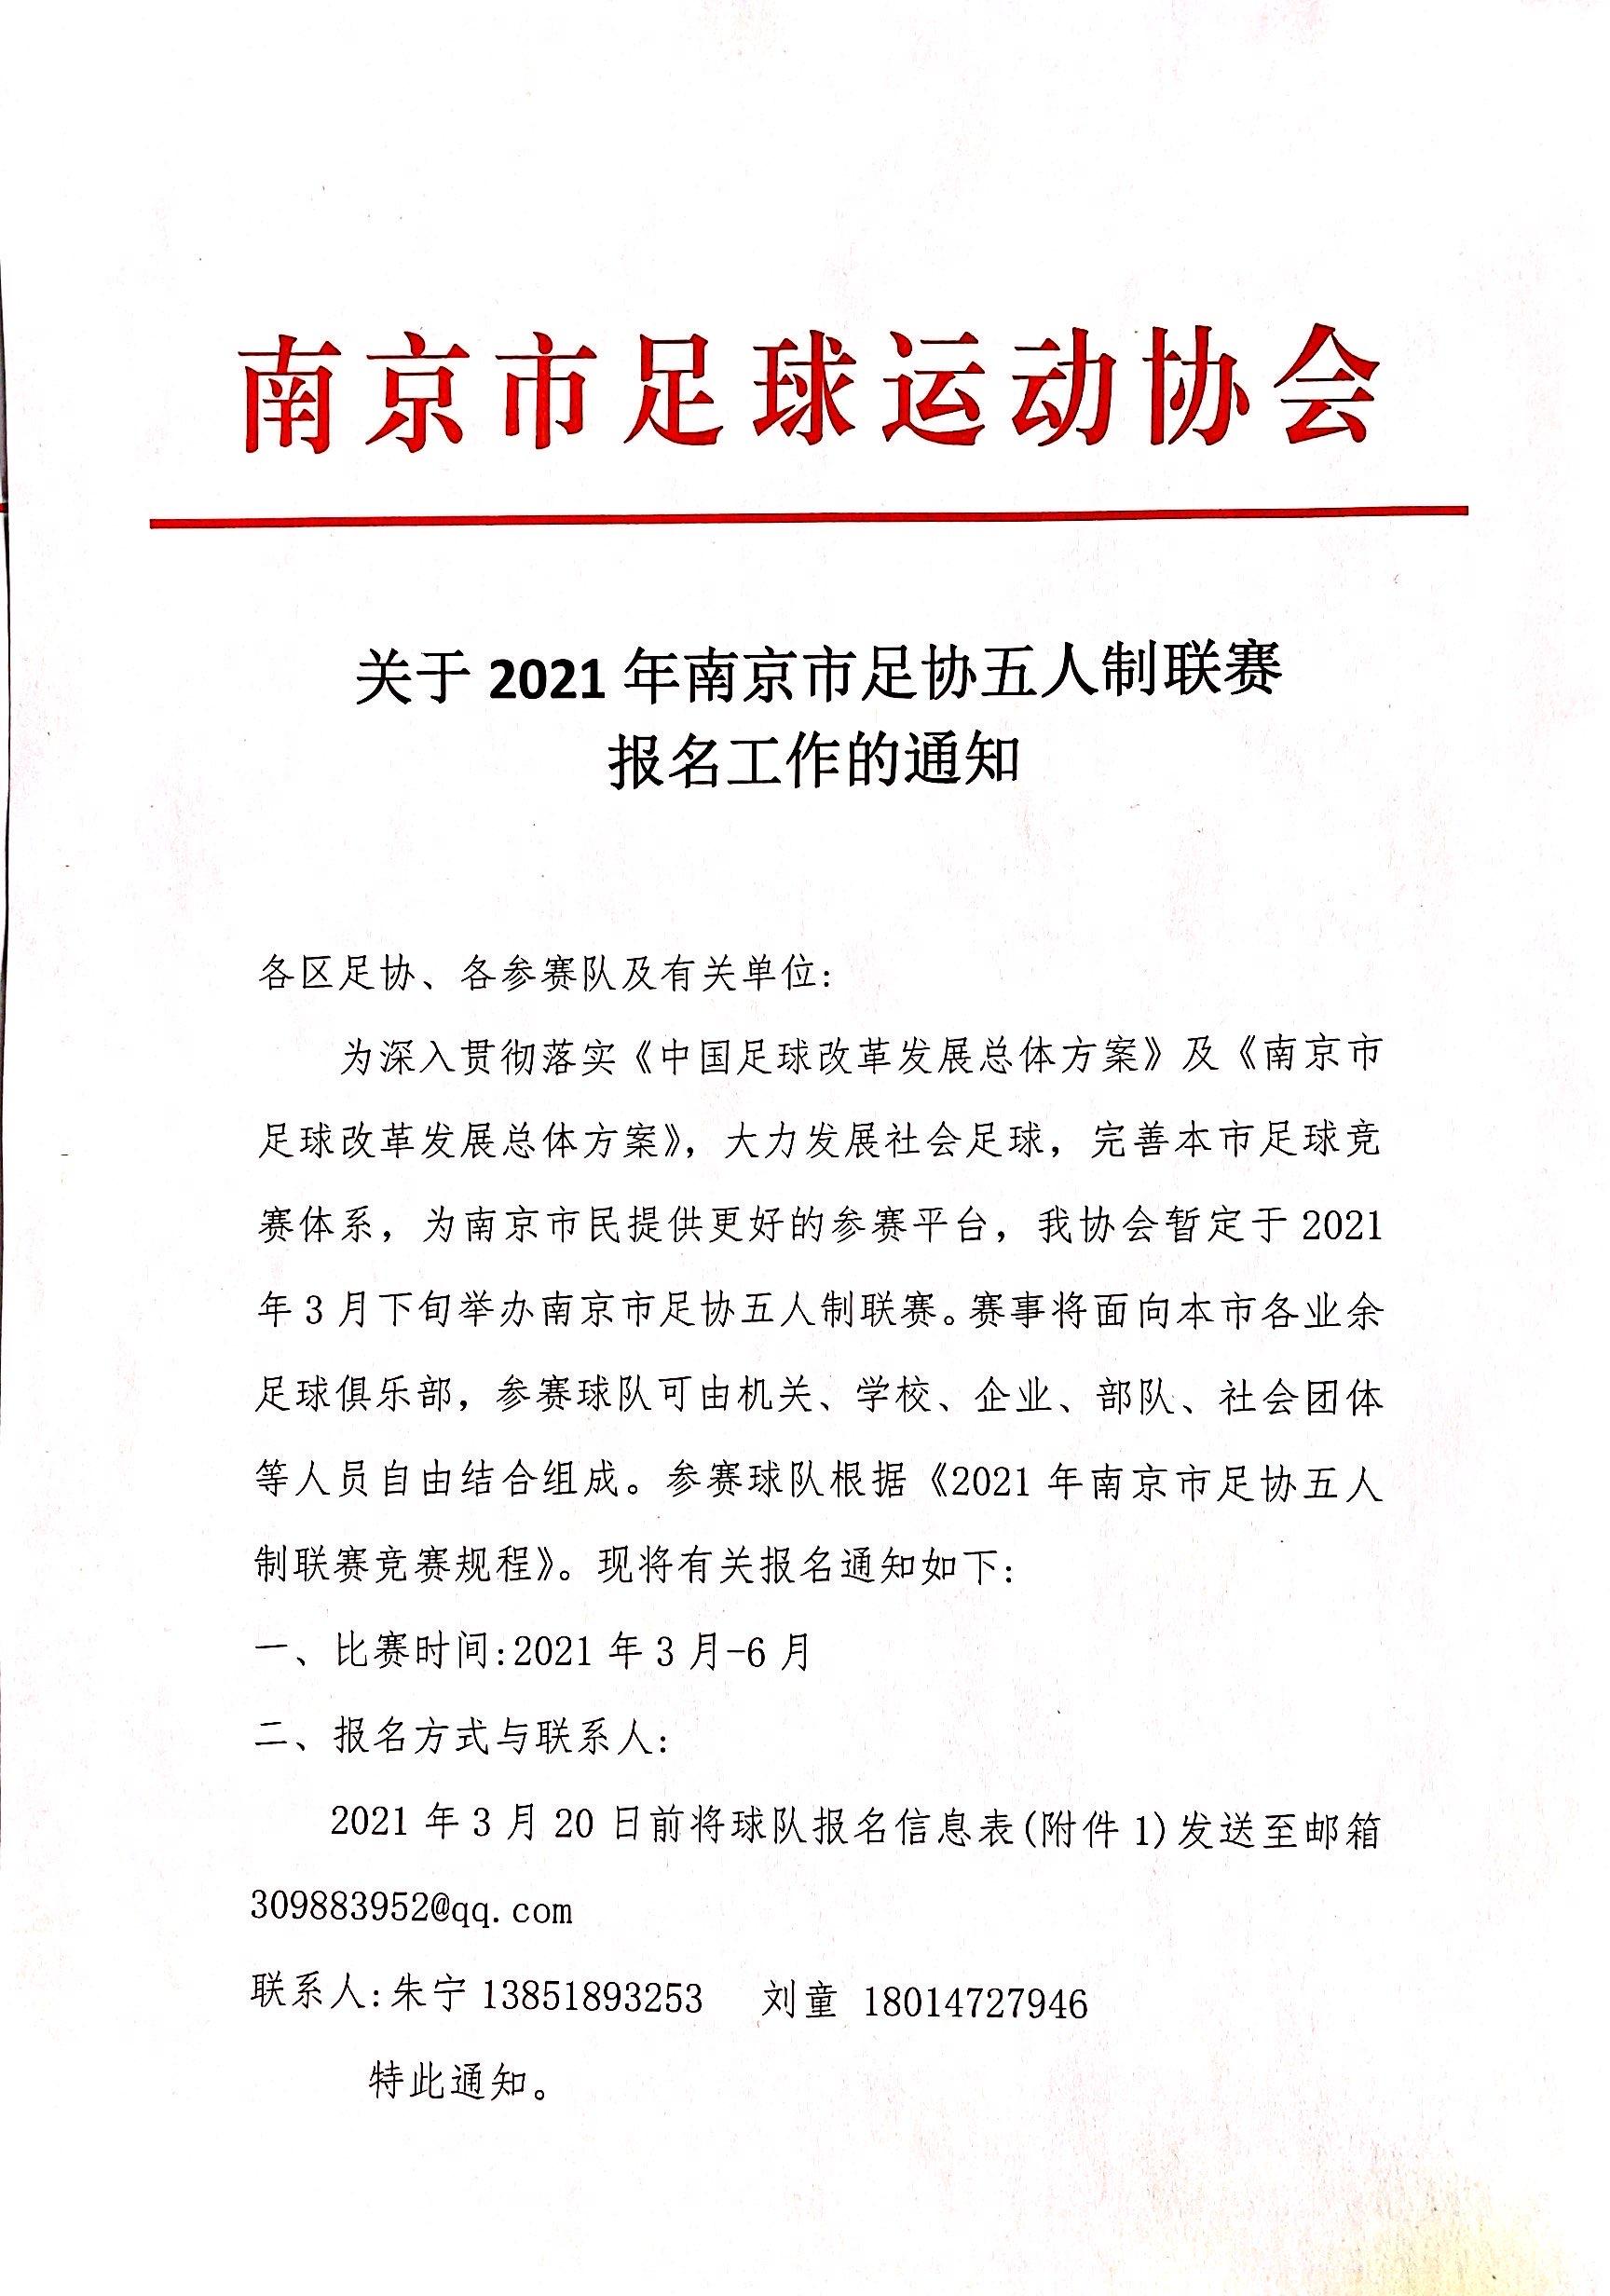 关于2021年南京市足协五人制联赛报名工作的通知